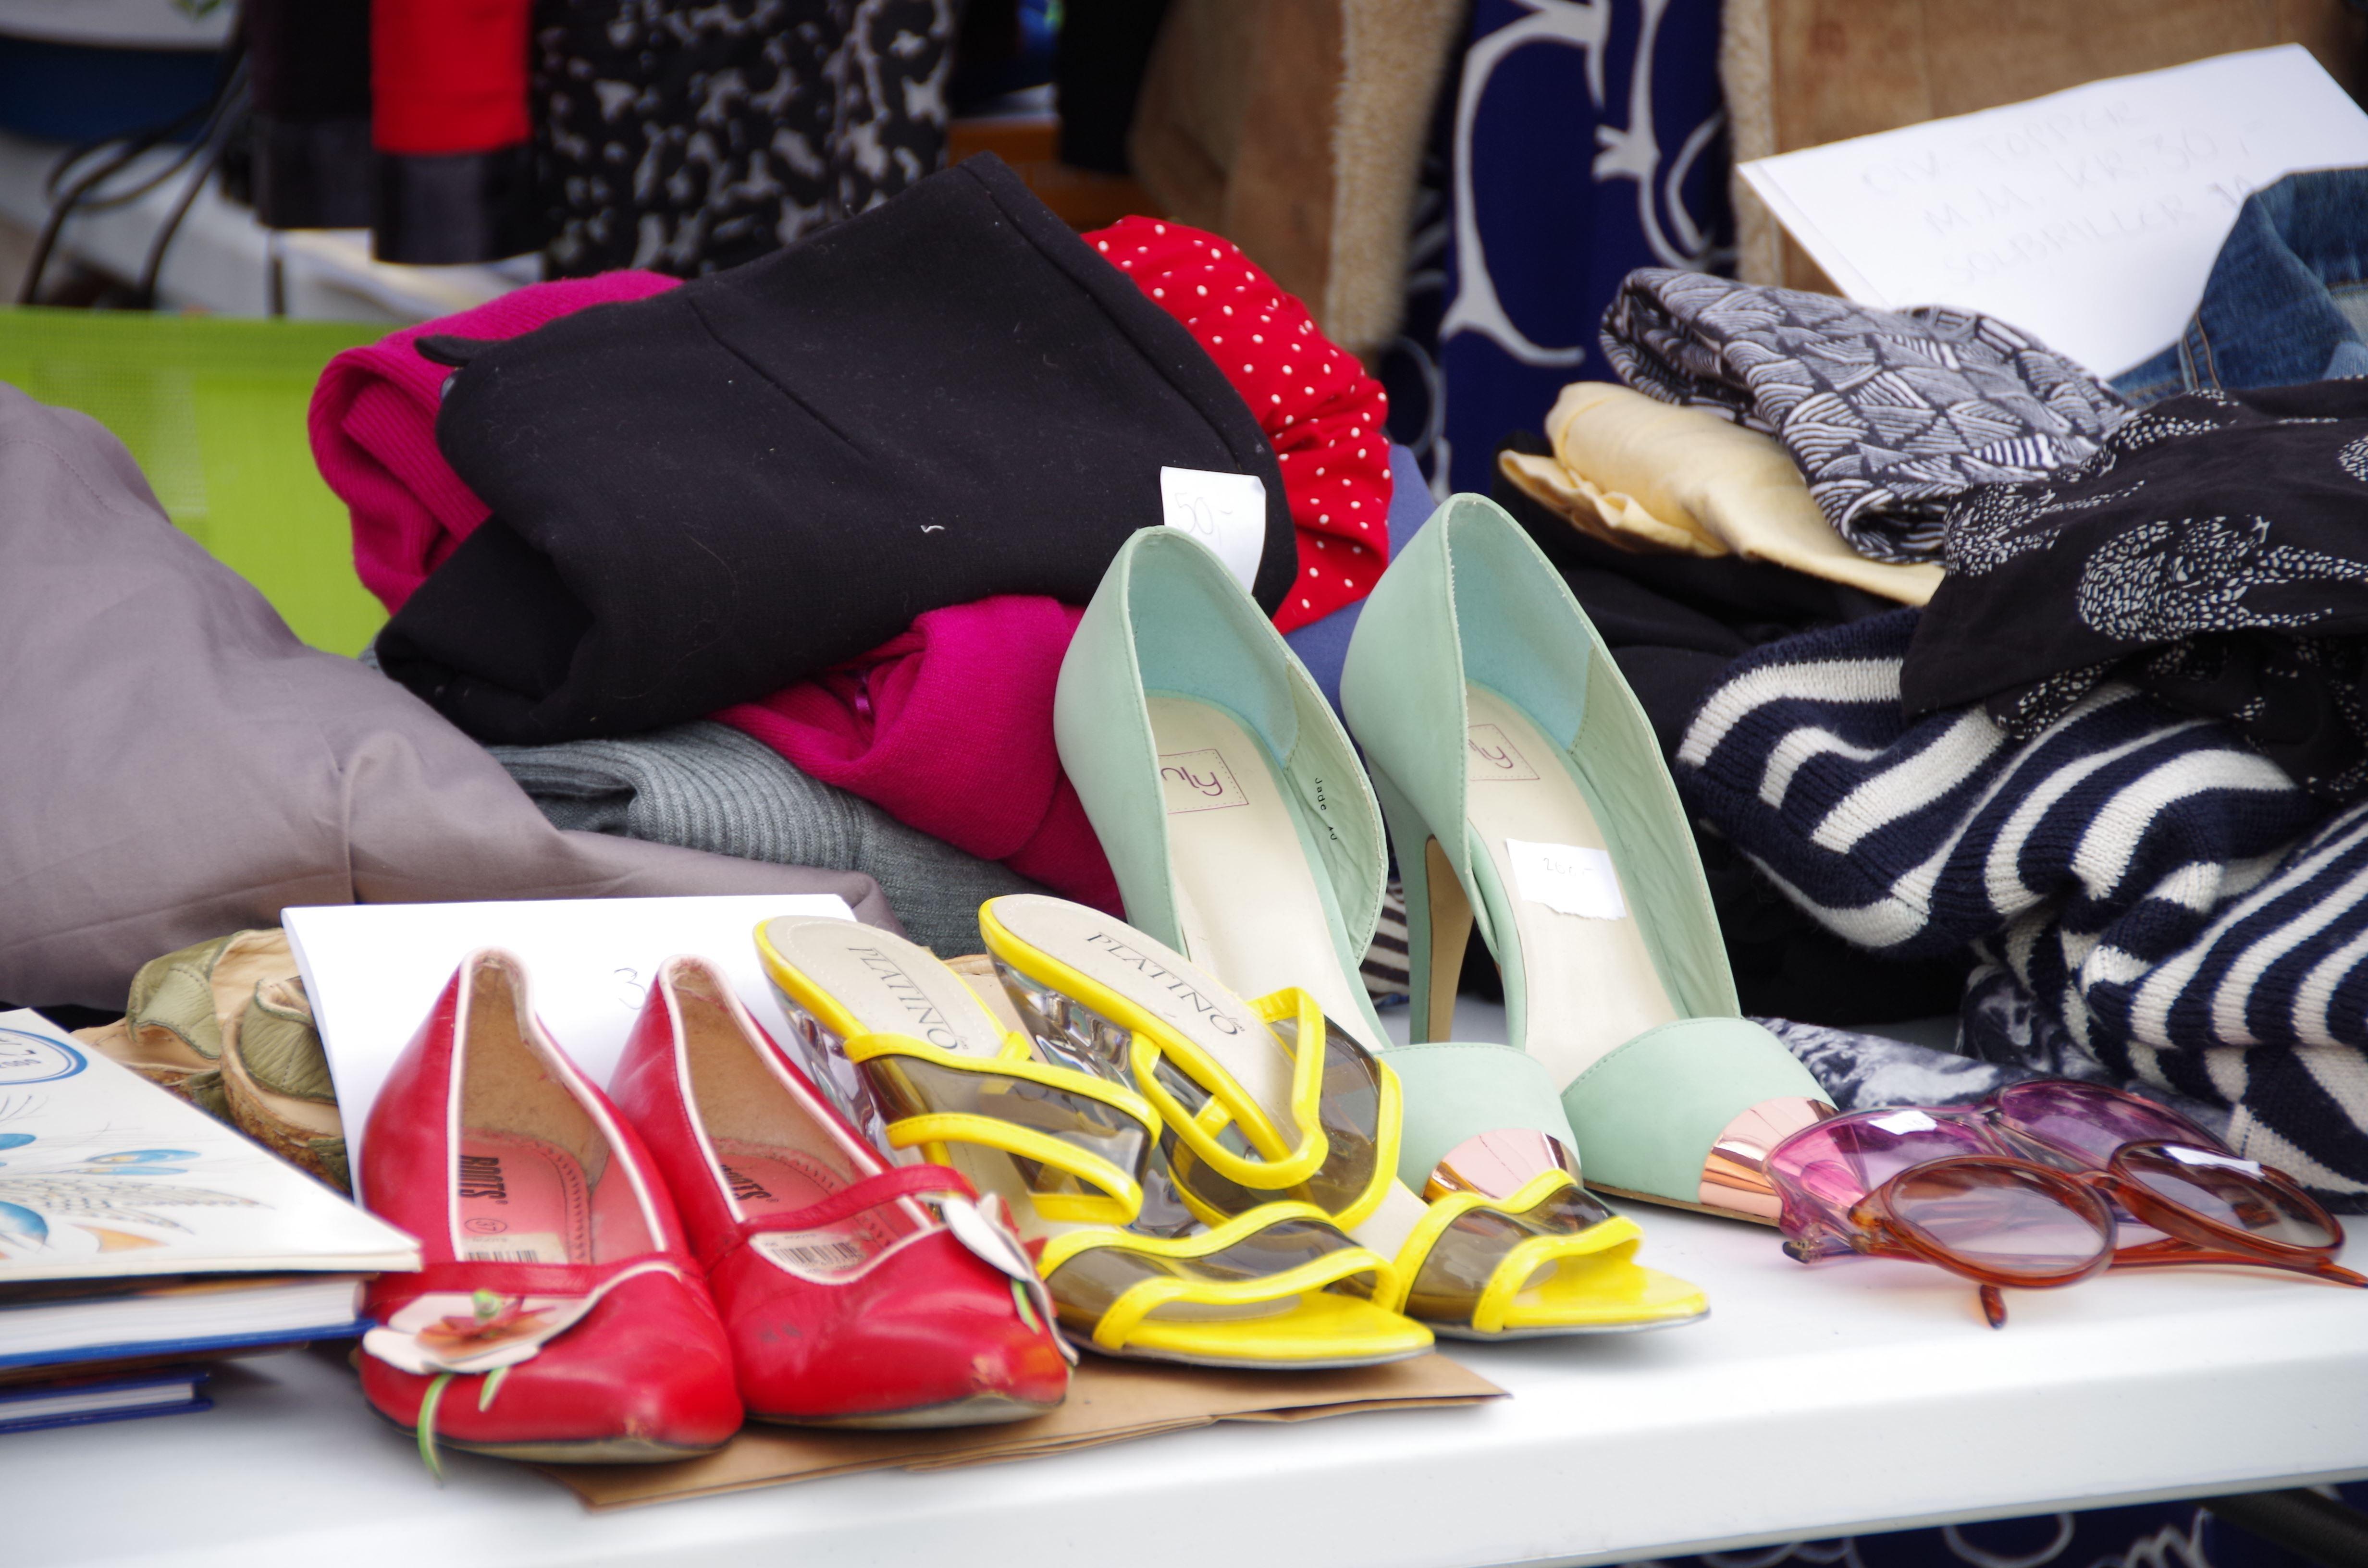 Midtbyen Management, Bord med brukte sko på Bryggerekka Bruktmarked i Trondheim